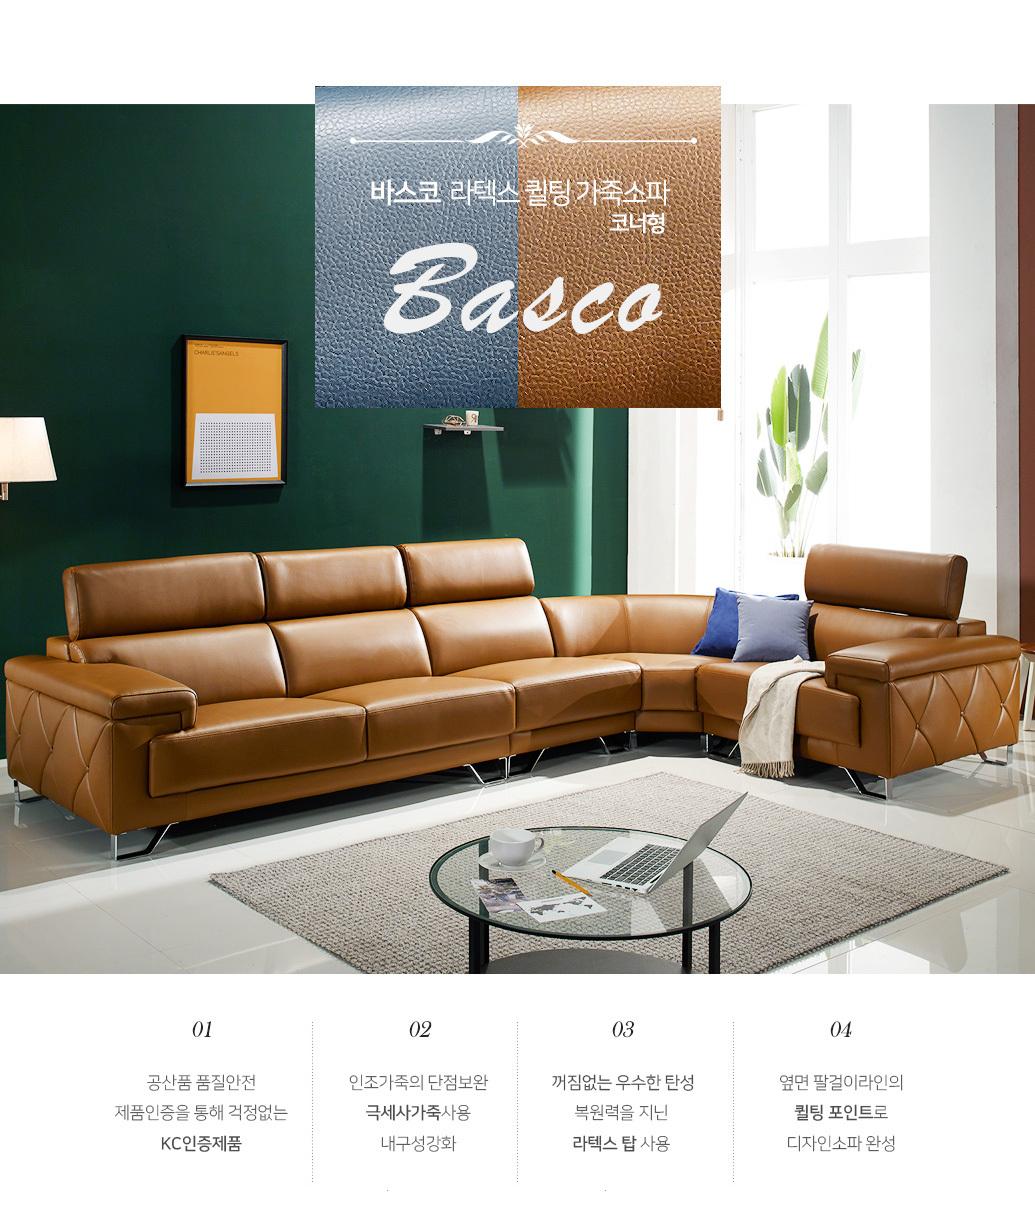 basco_coner_01.jpg